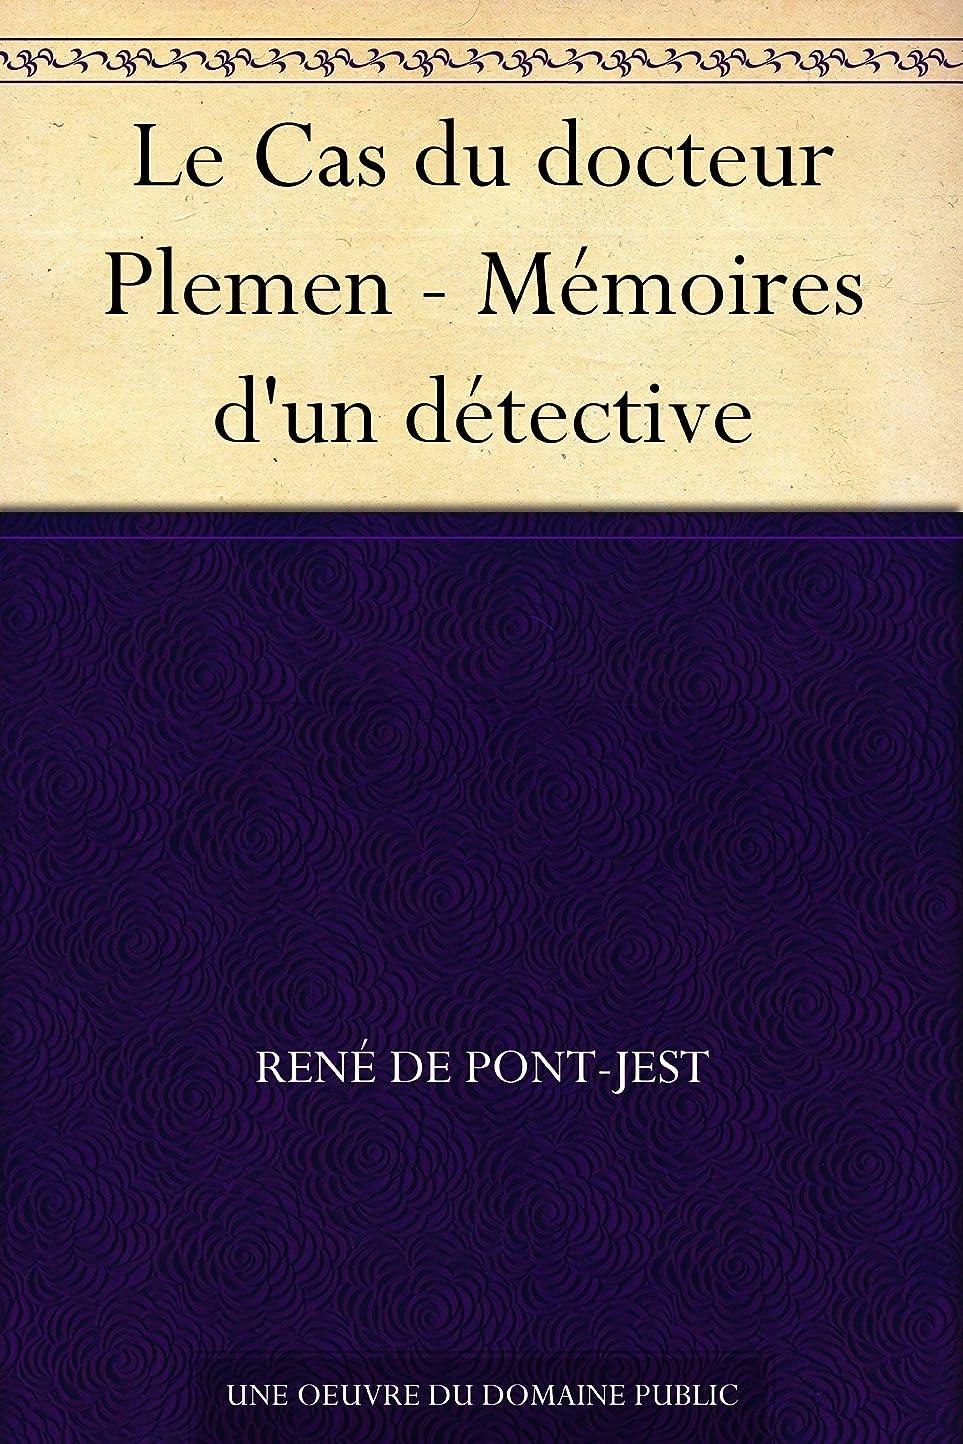 する驚くばかり他のバンドでLe Cas du docteur Plemen - Mémoires d'un détective (French Edition)